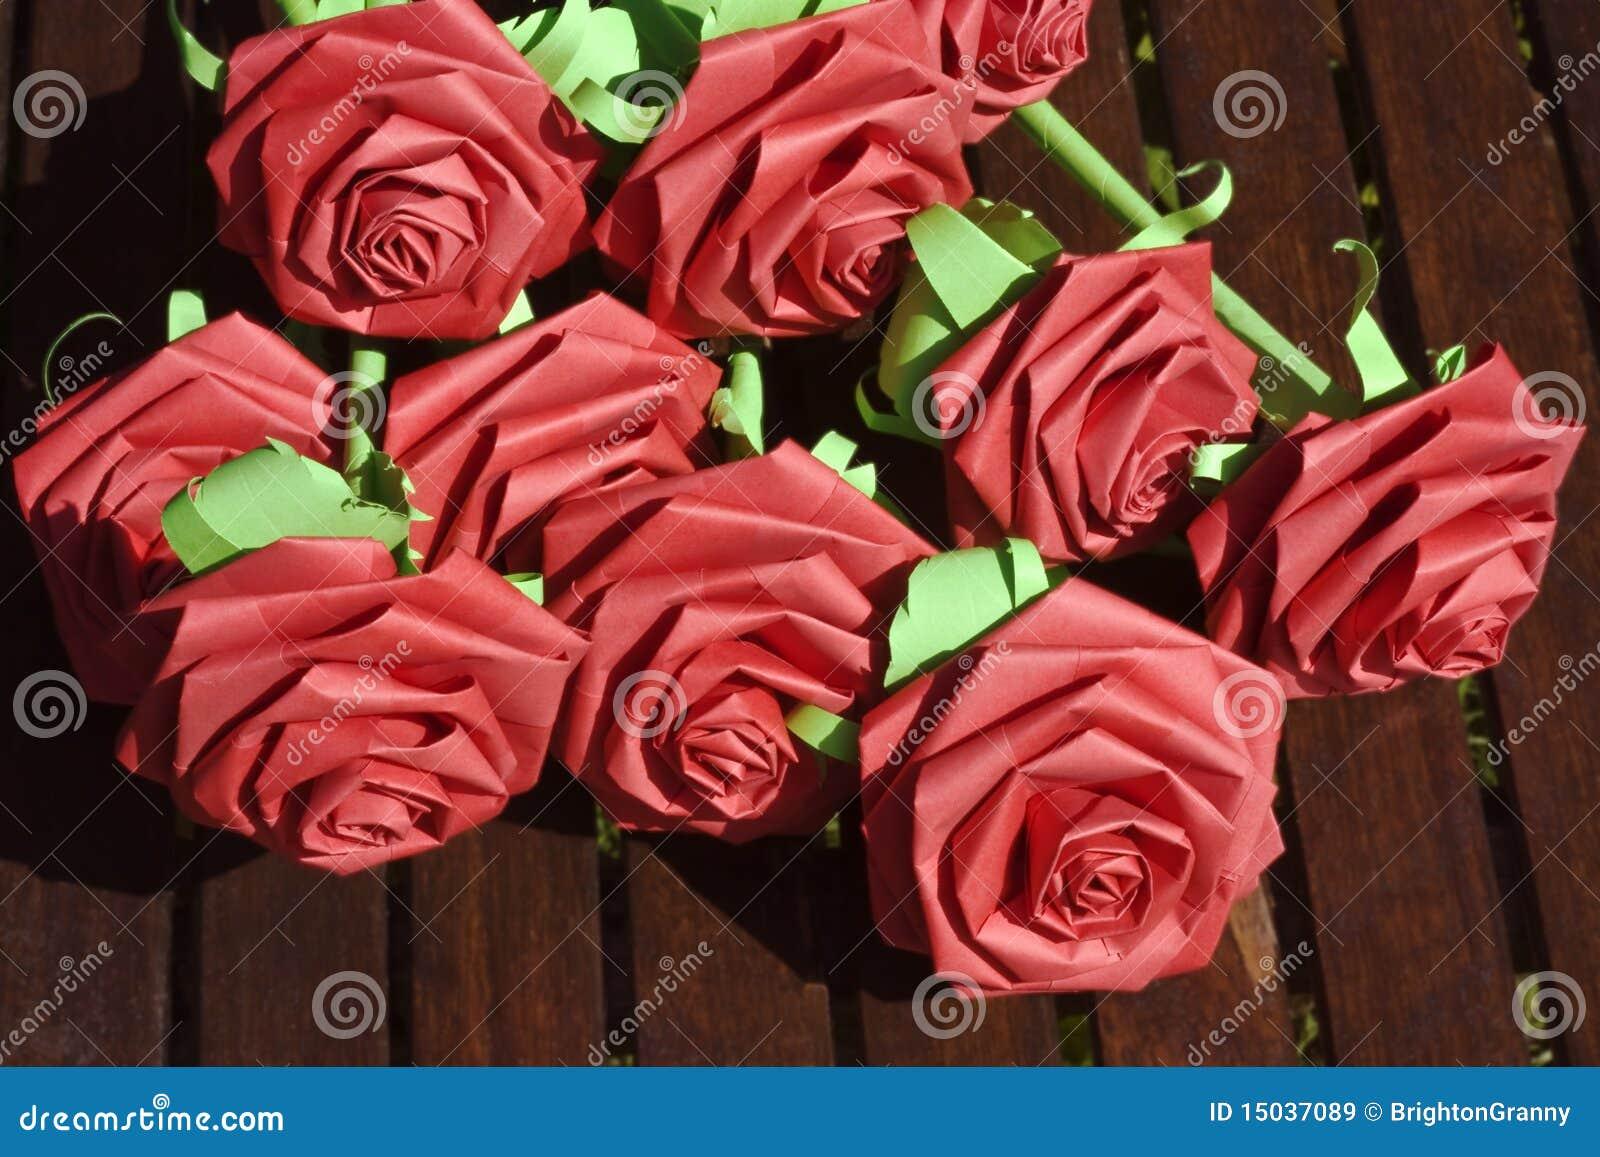 Rosas de papel vermelhas imagens de stock royalty free for Rosas de papel